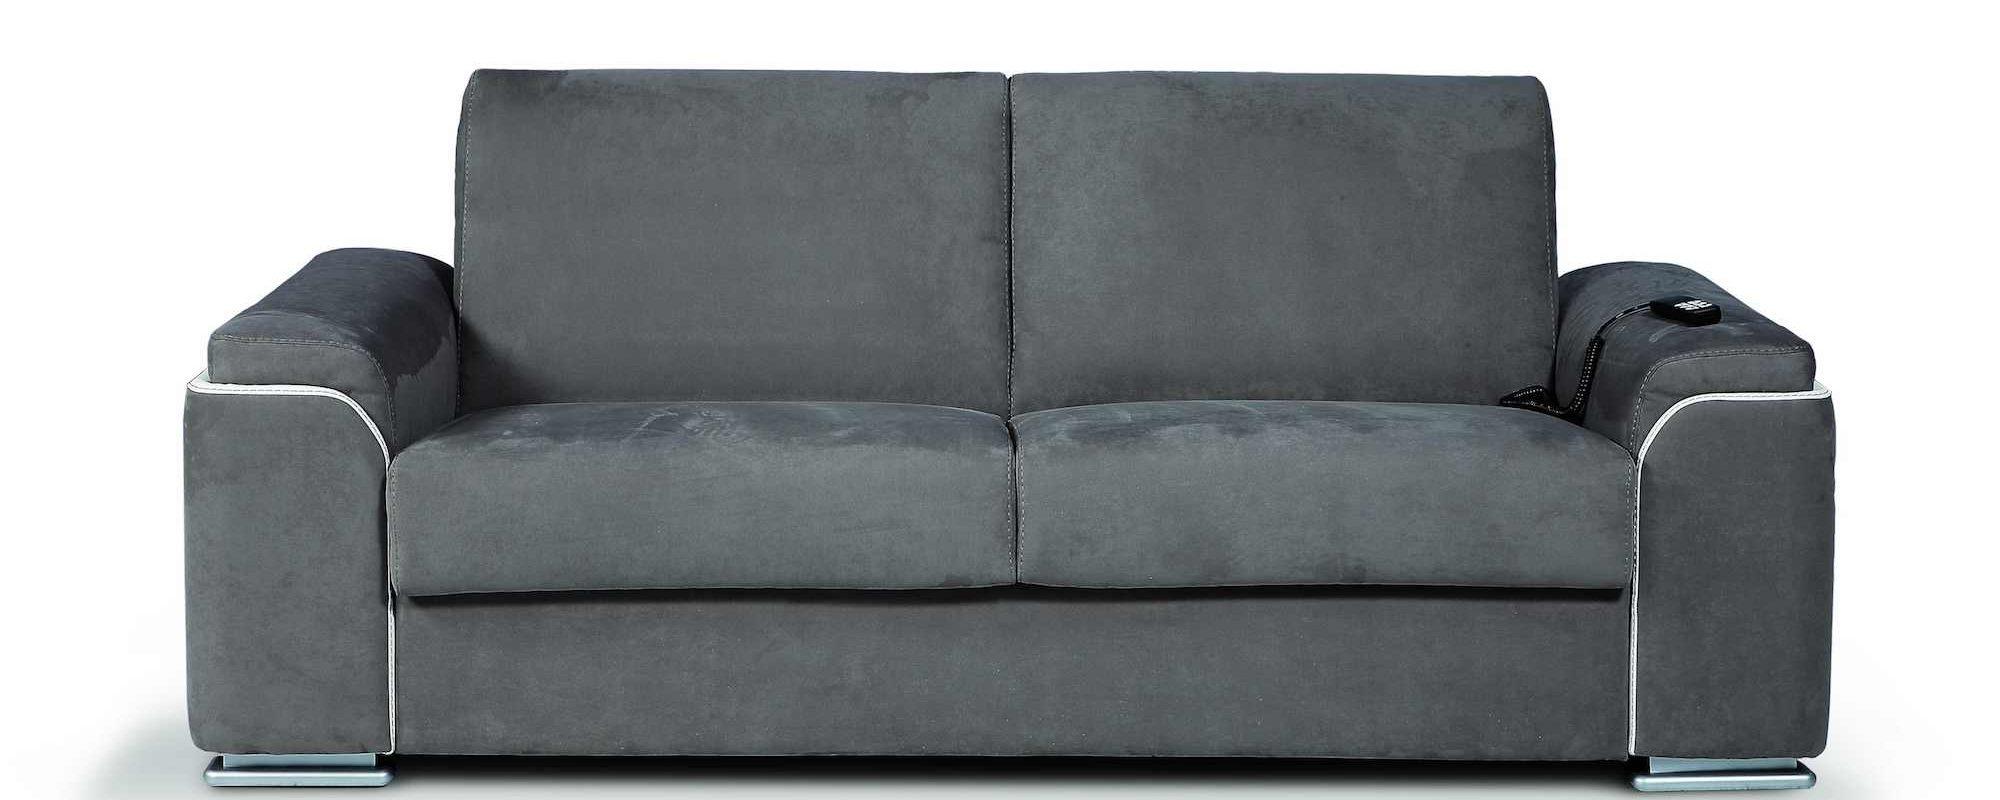 poltrone e sofa viterbo - 28 images - poltrone e divani negozio d ...